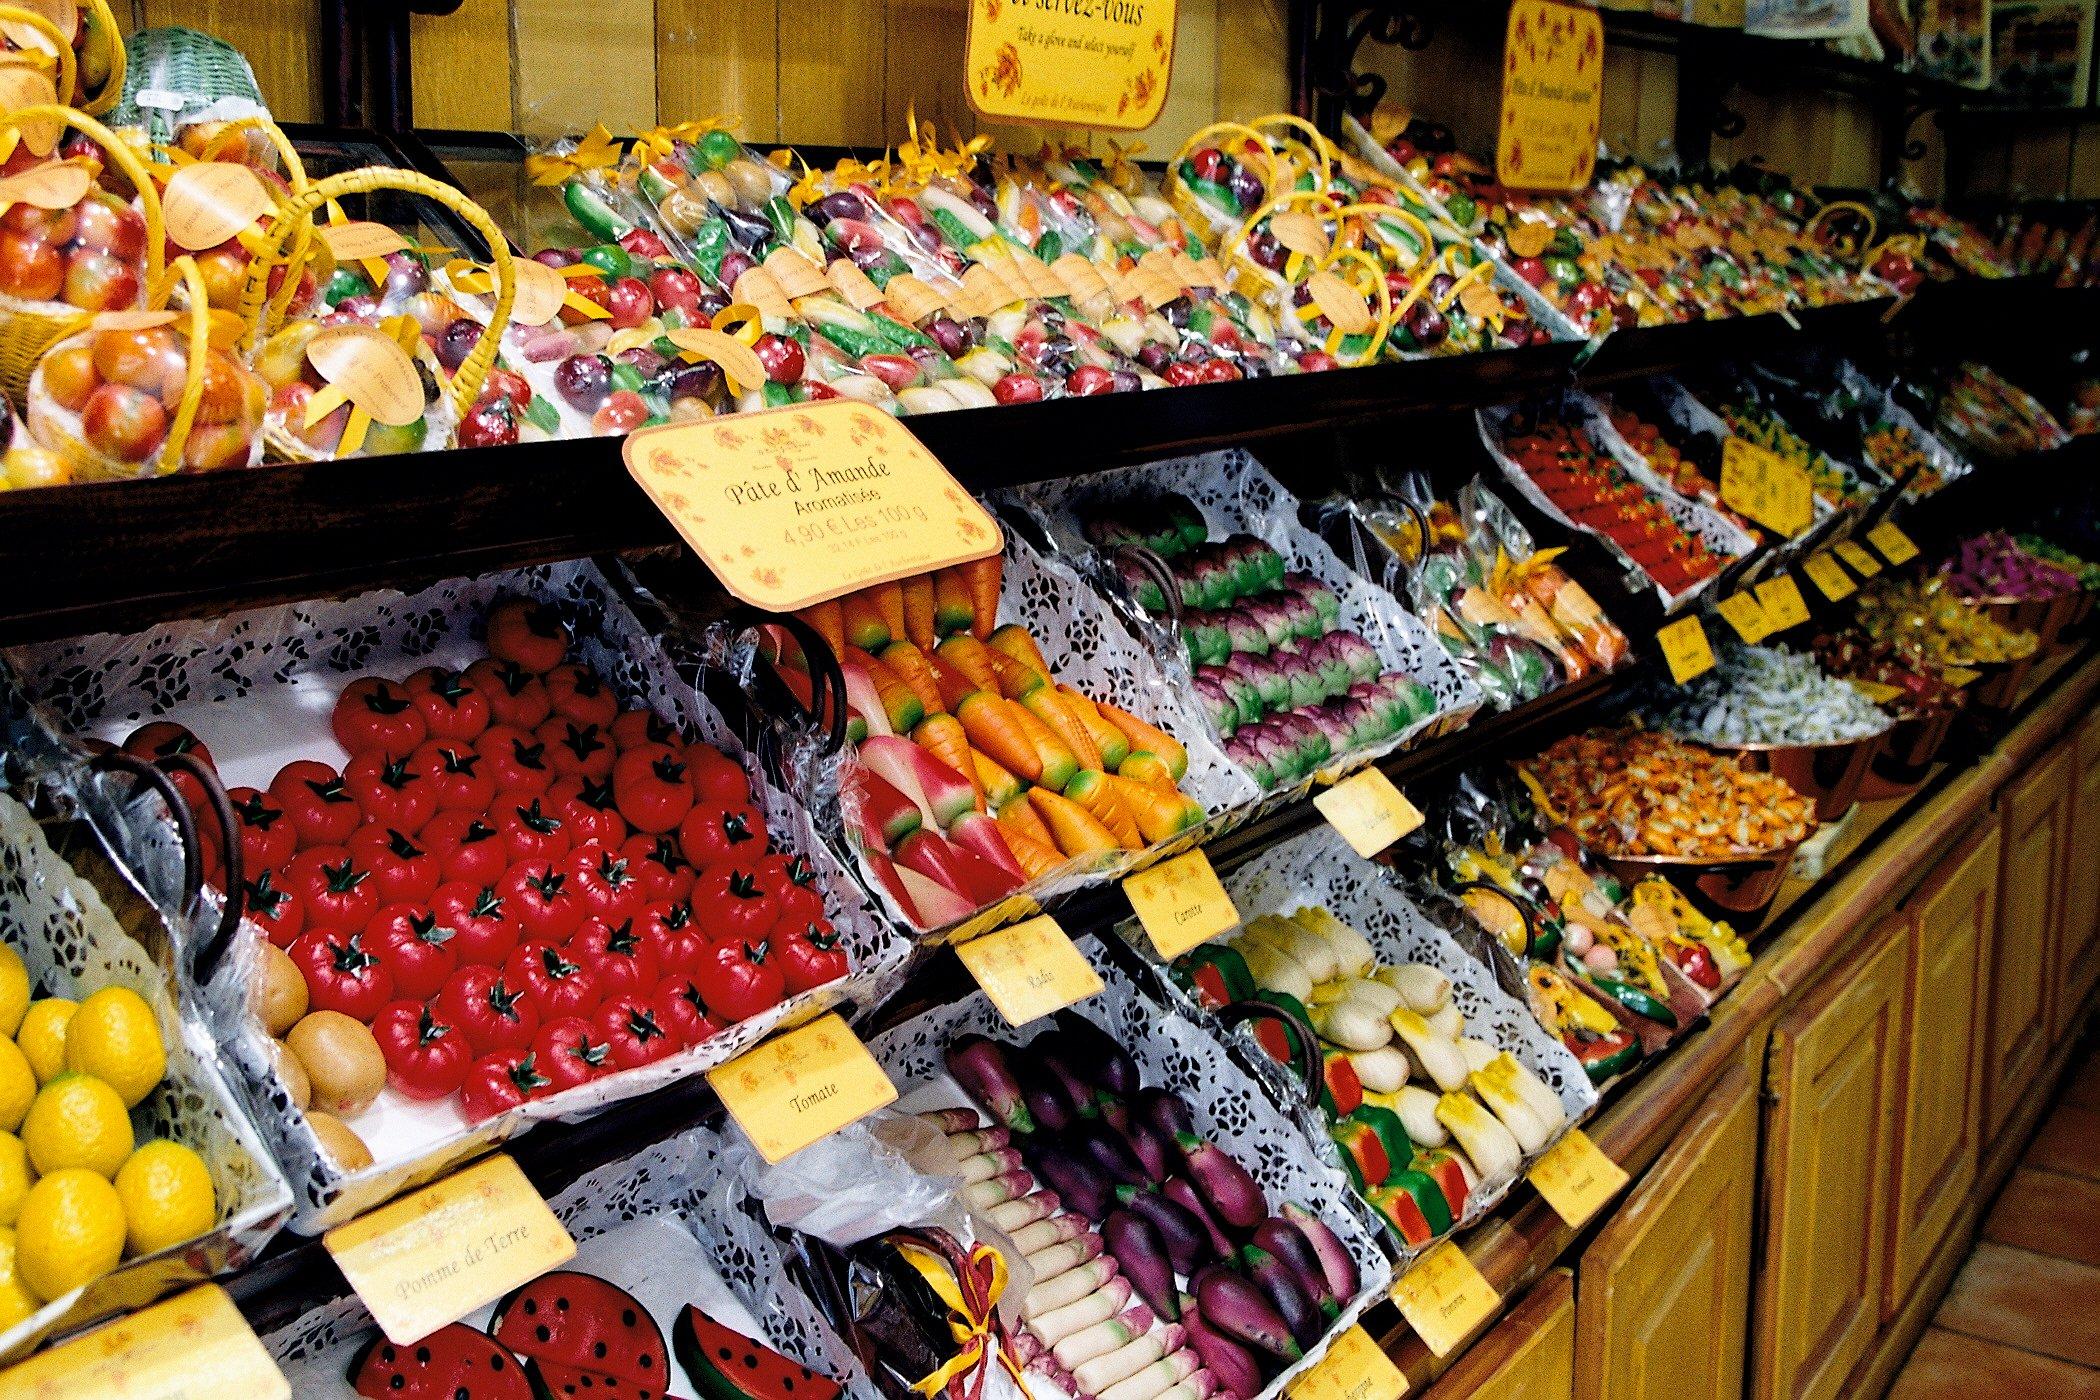 купить бизнес в италии или франции цена дешево слышала чтоб витамины